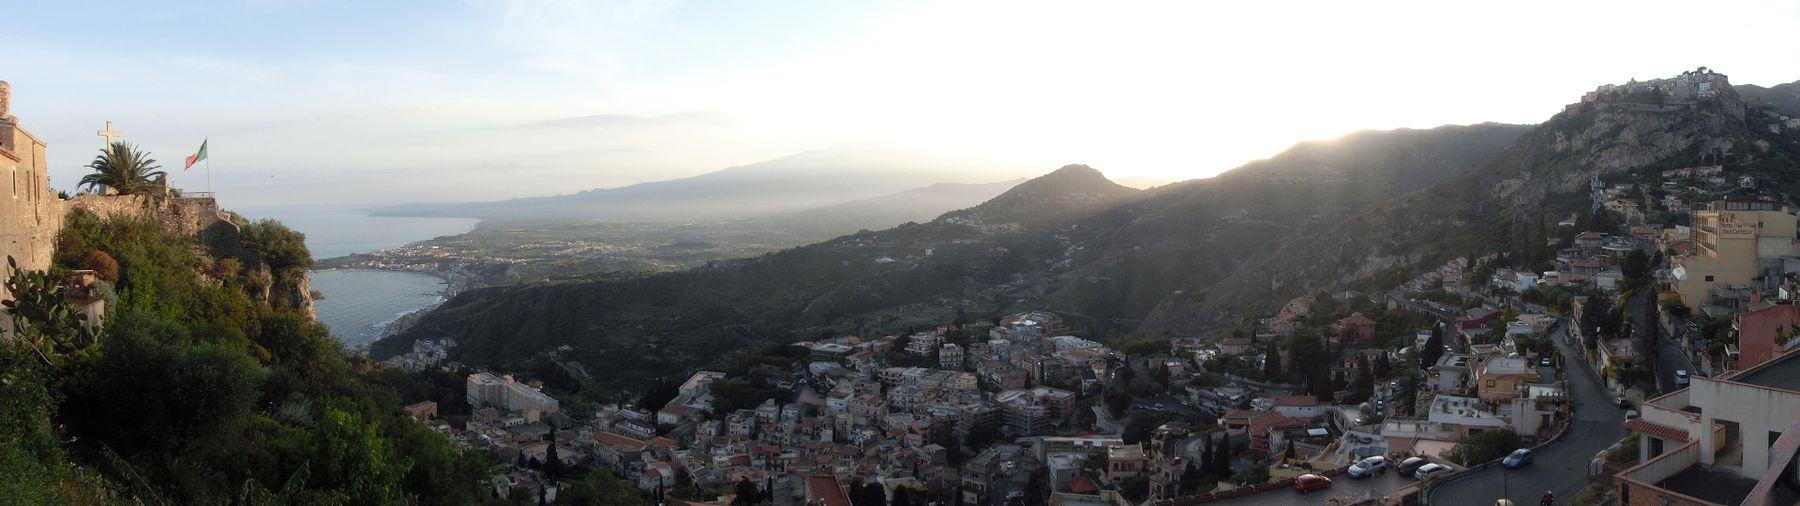 Сицилия. Сицилия